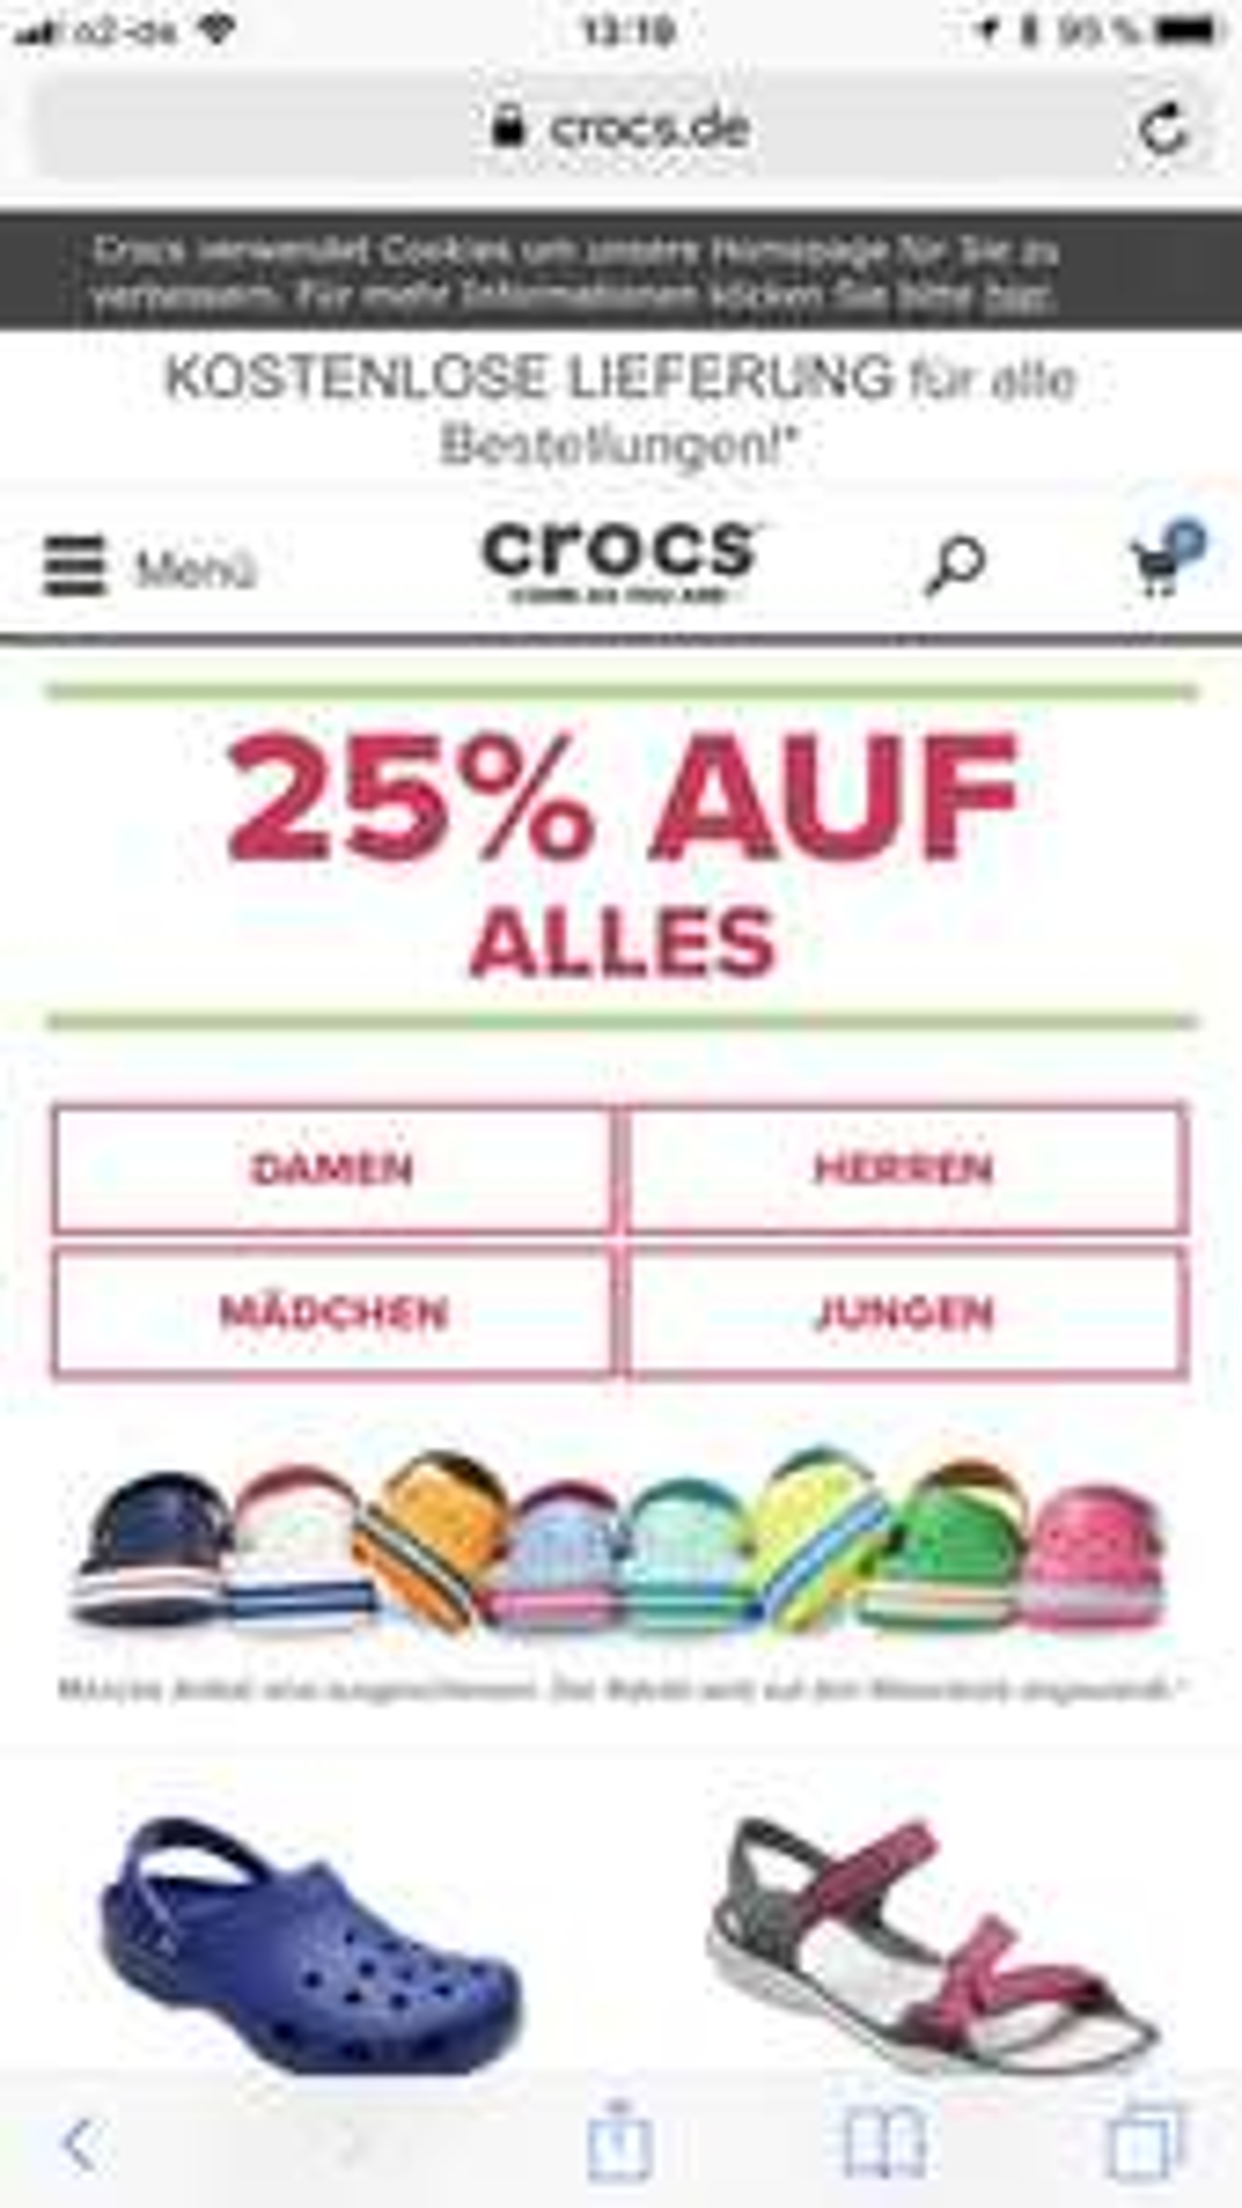 25% auf alles bei Crocs.de